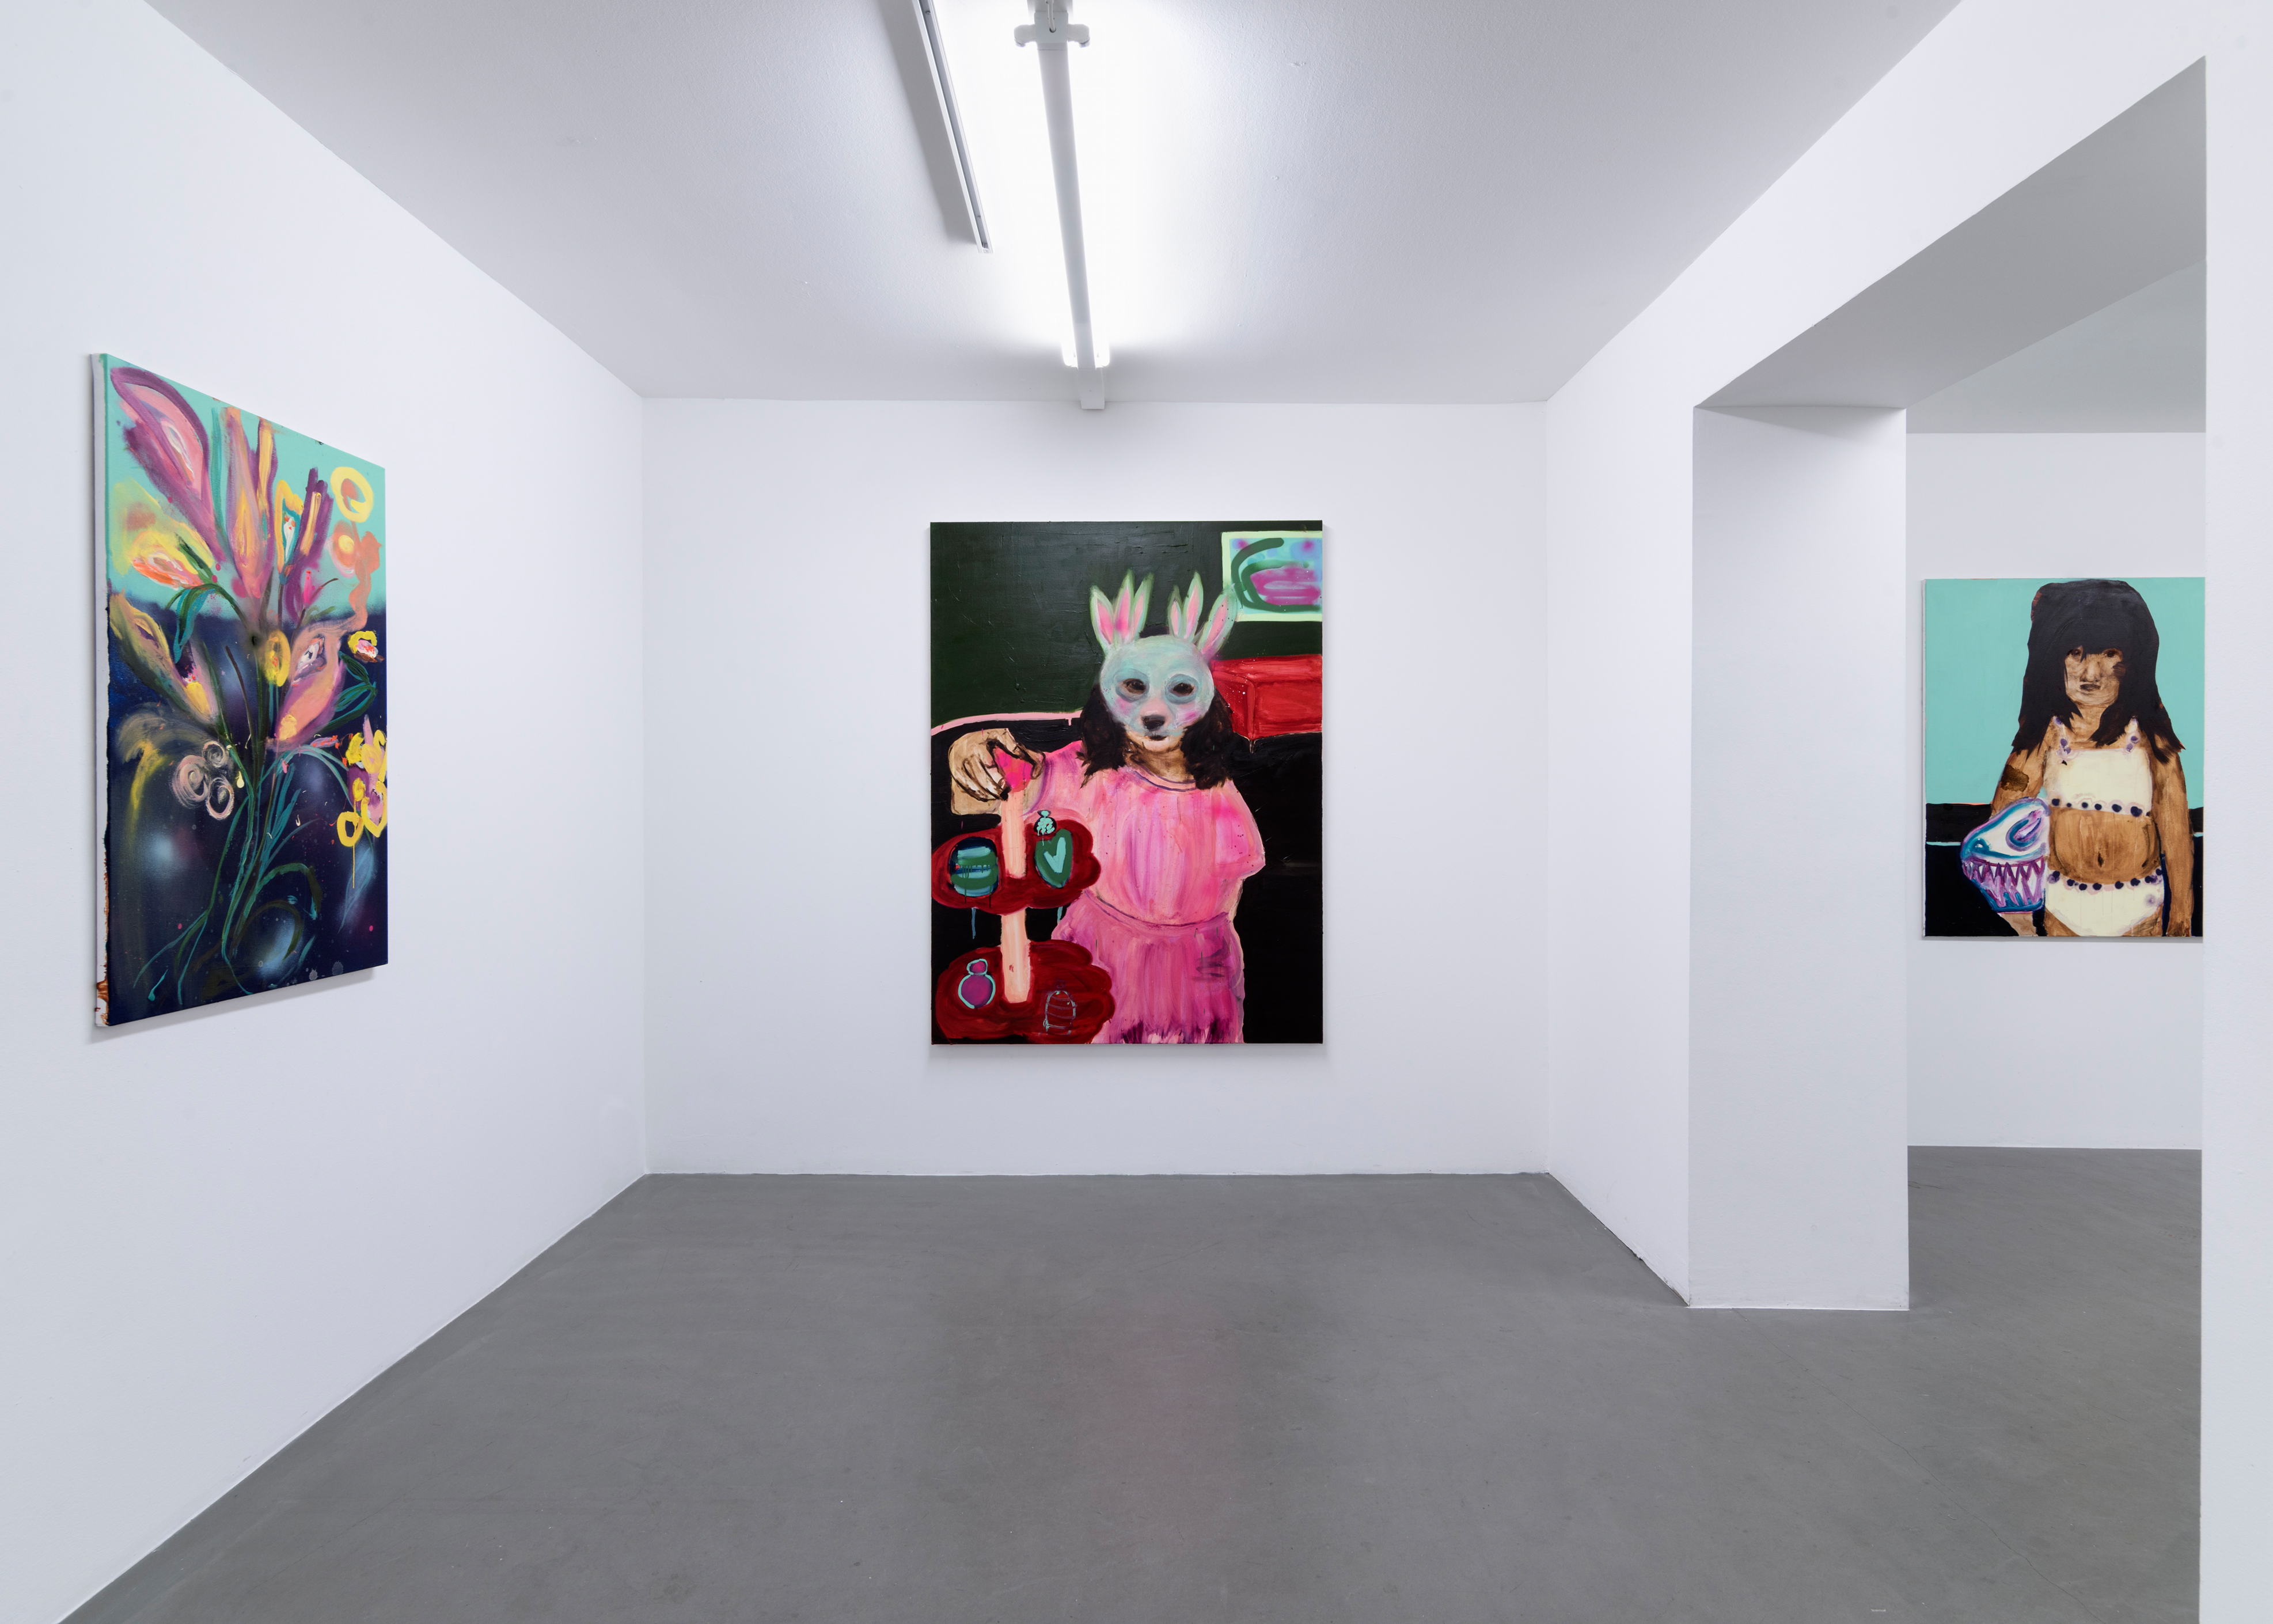 Rauha Mäkilä, Installation view, In The Belly of Painting, at Galleri Thomassen, 2017